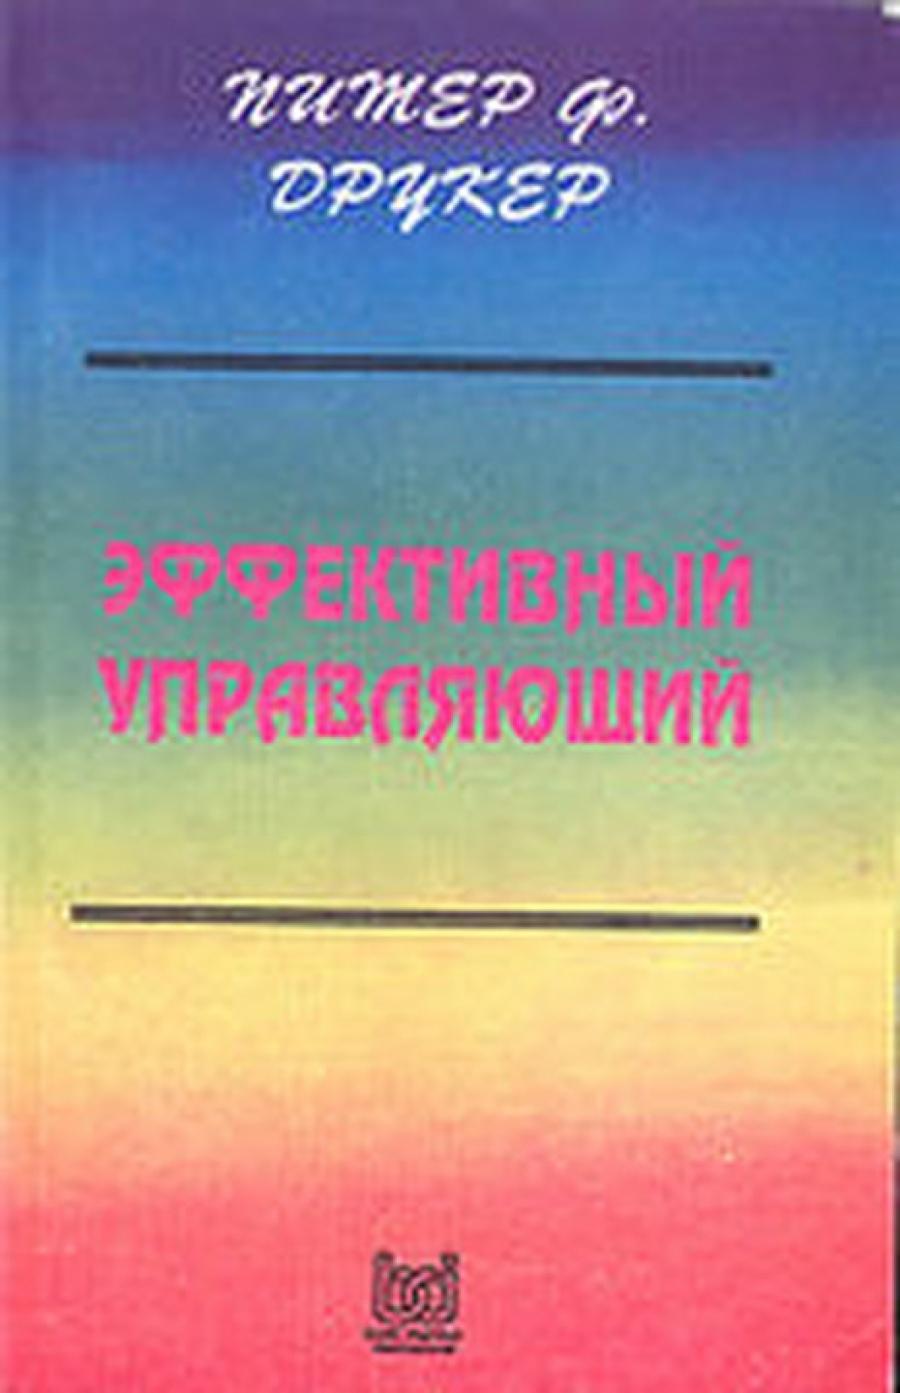 Обложка книги:  питер ф. друкер - эффективный управляющий.